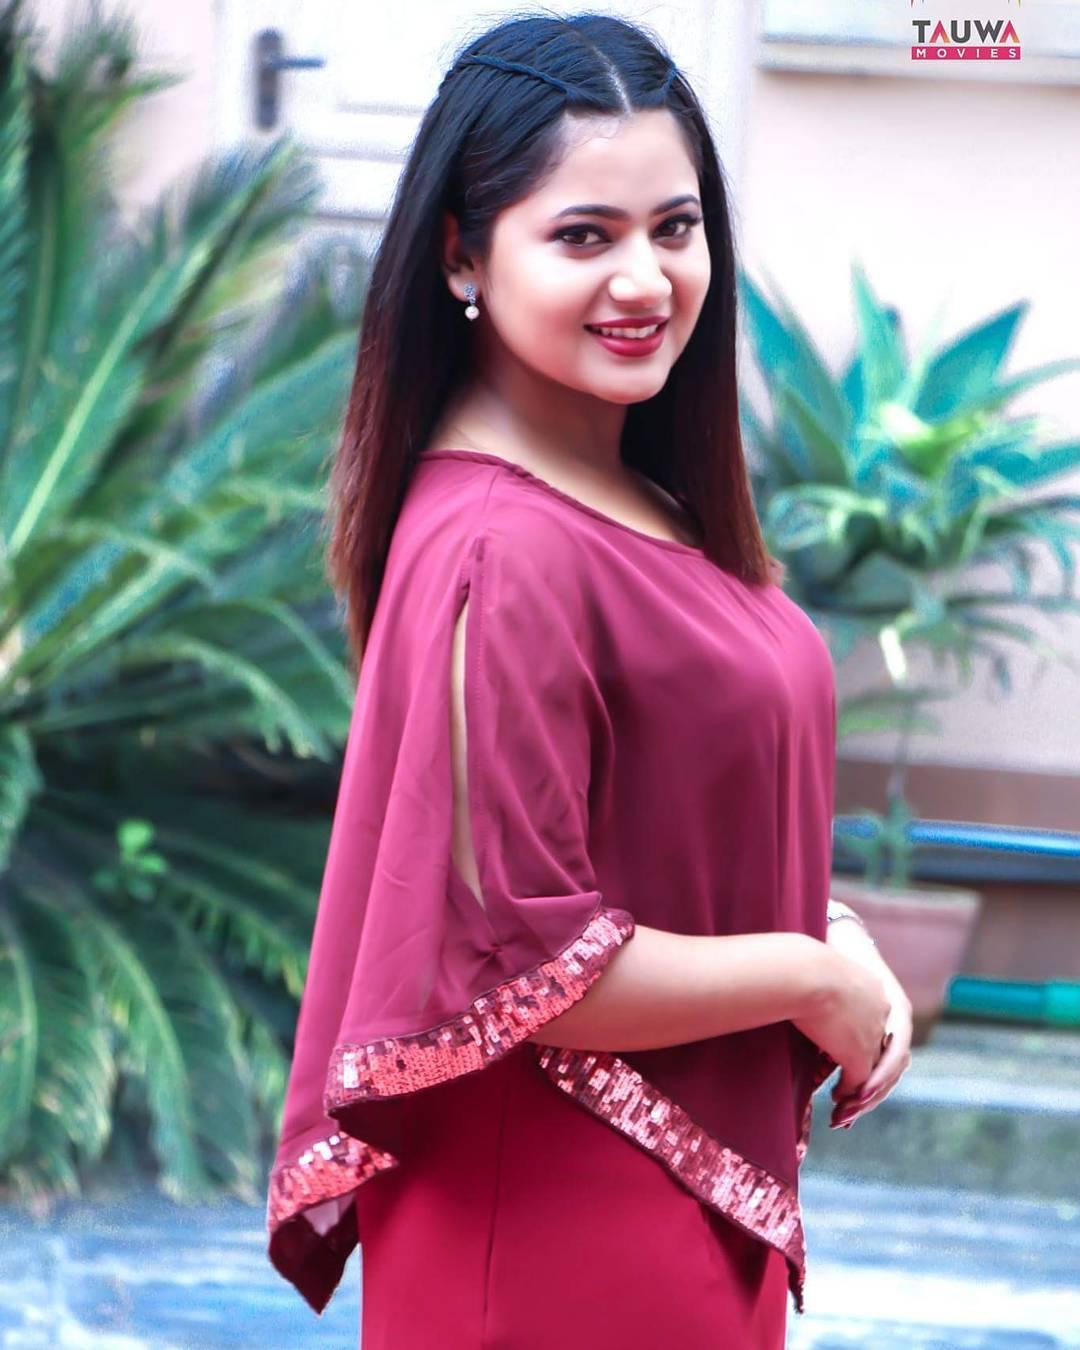 Keki Adhikari nudes (55 pictures) Fappening, iCloud, swimsuit